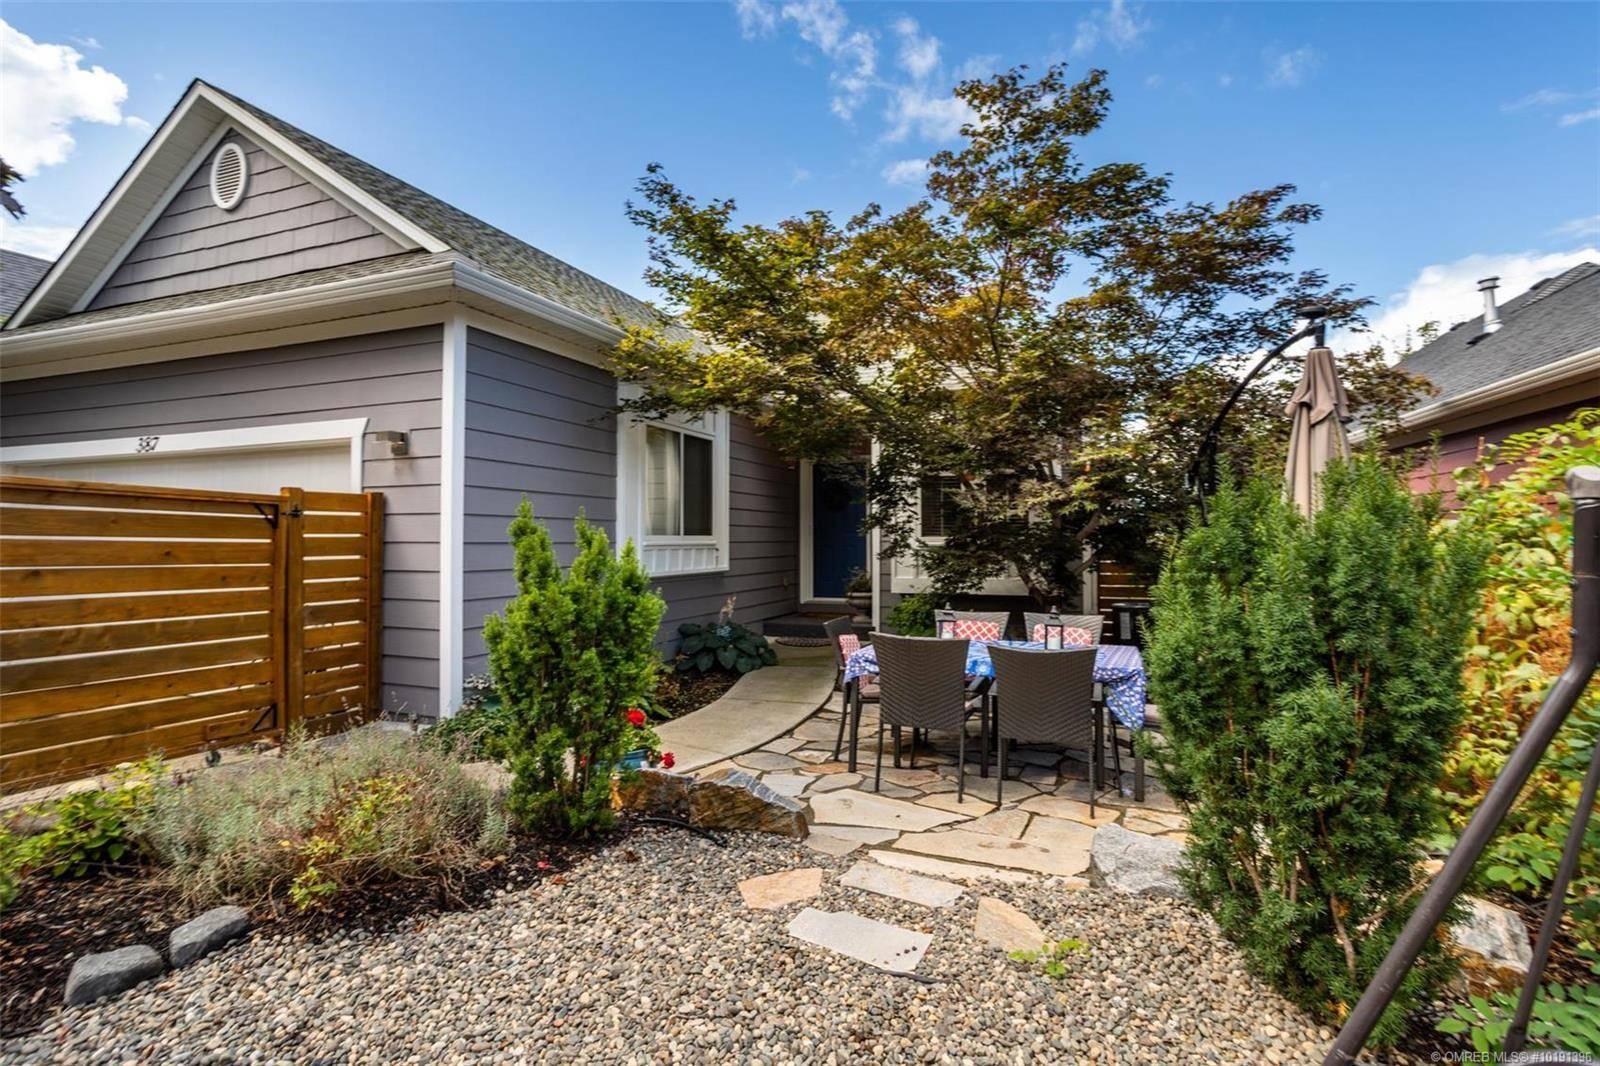 House for sale at 387 Mccarren Ave Kelowna British Columbia - MLS: 10191396